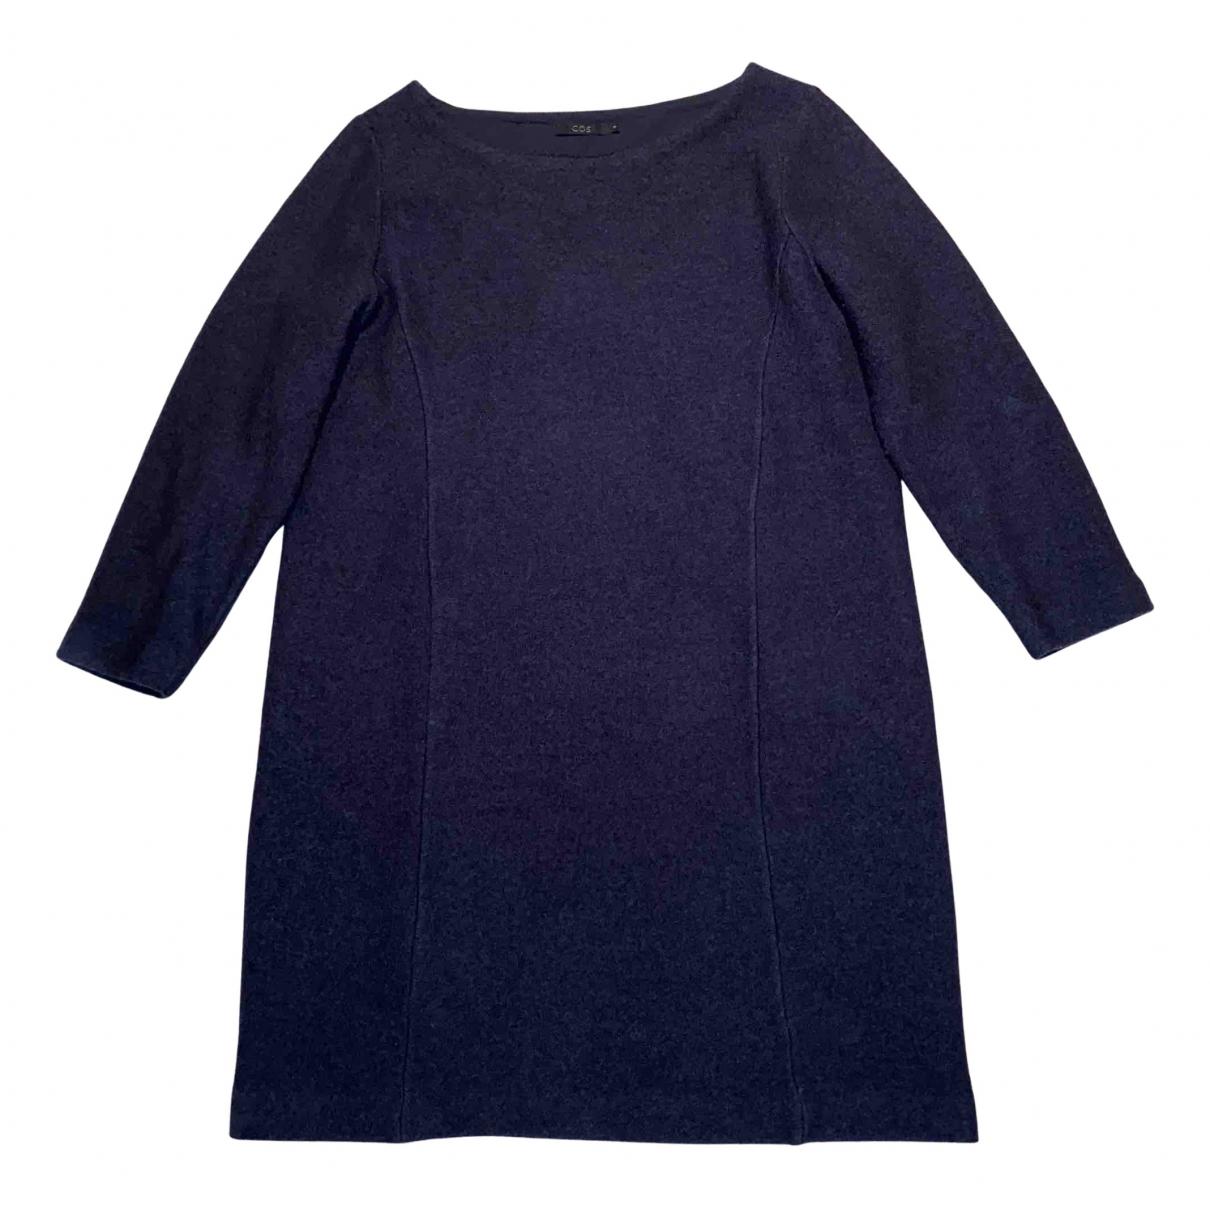 Cos \N Kleid in  Marine Wolle